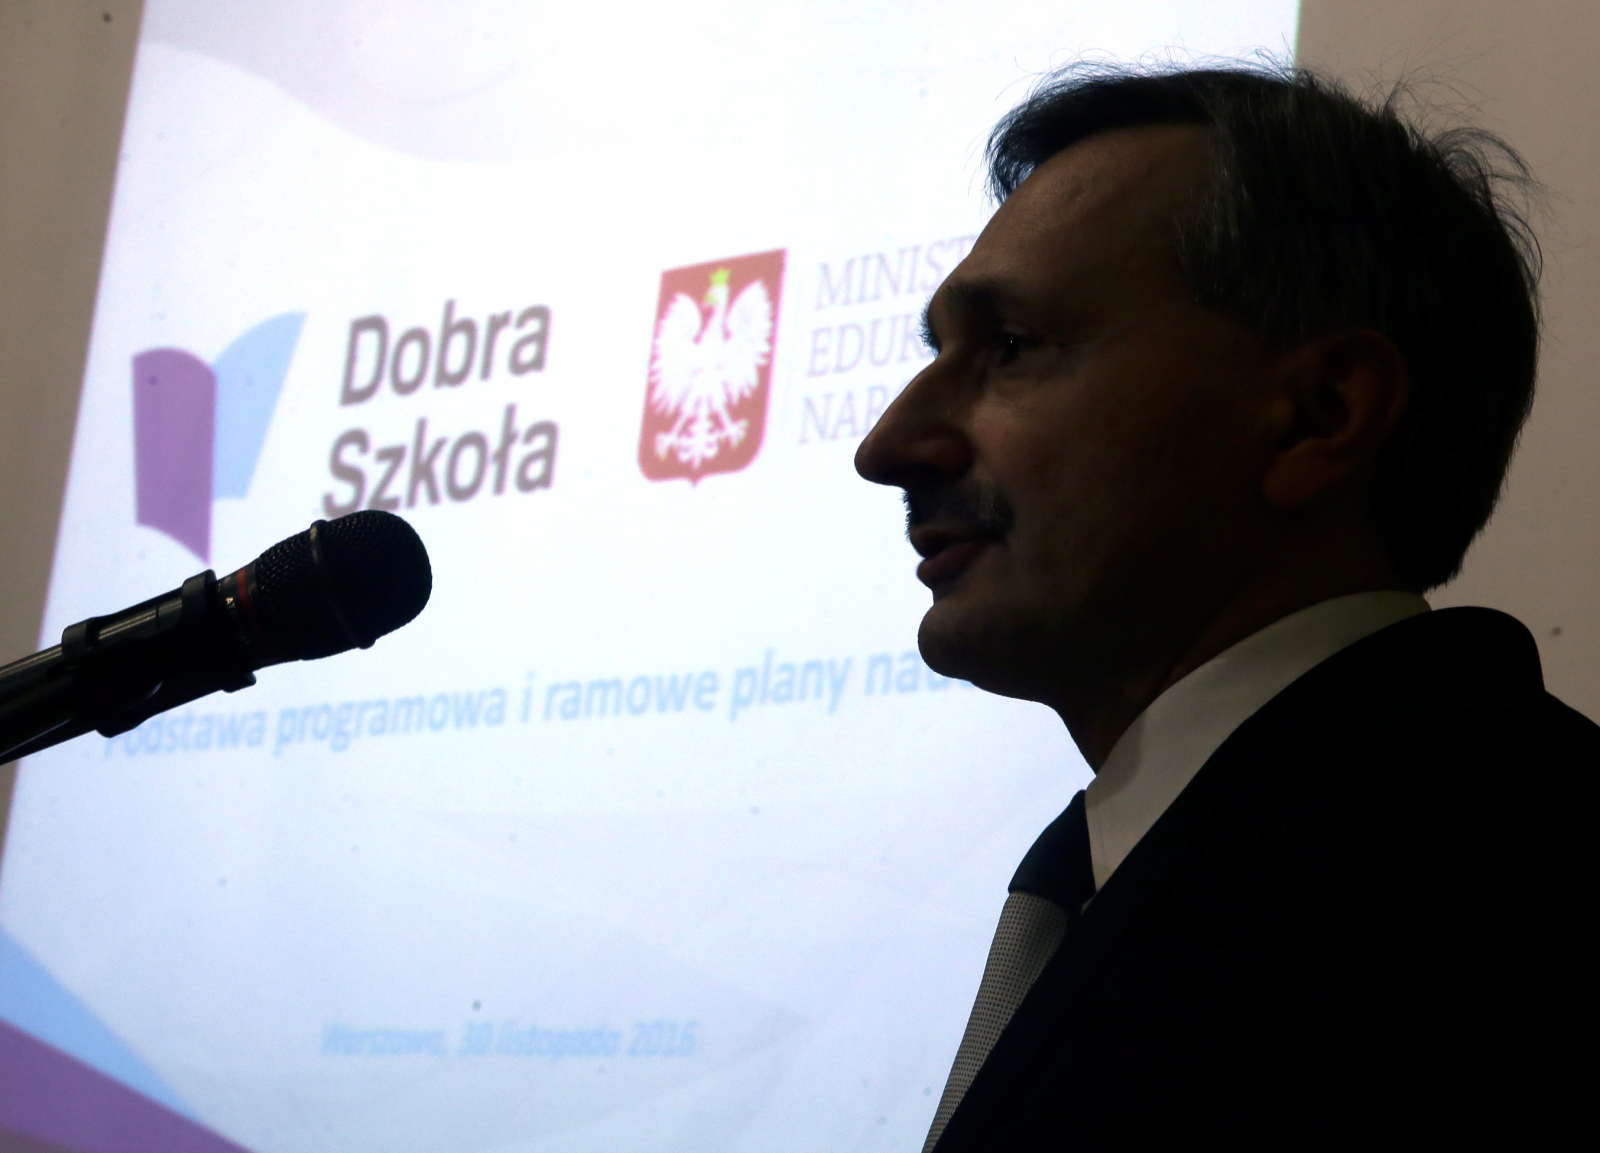 Podsekretarz stanu w MEN Maciej Kopeć podczas konferencji prasowej, na której zaprezentowano projekt podstawy programowej kształcenia ogólnego oraz projekt ramowych planów nauczania. Fot. PAP/Tomasz Gzell